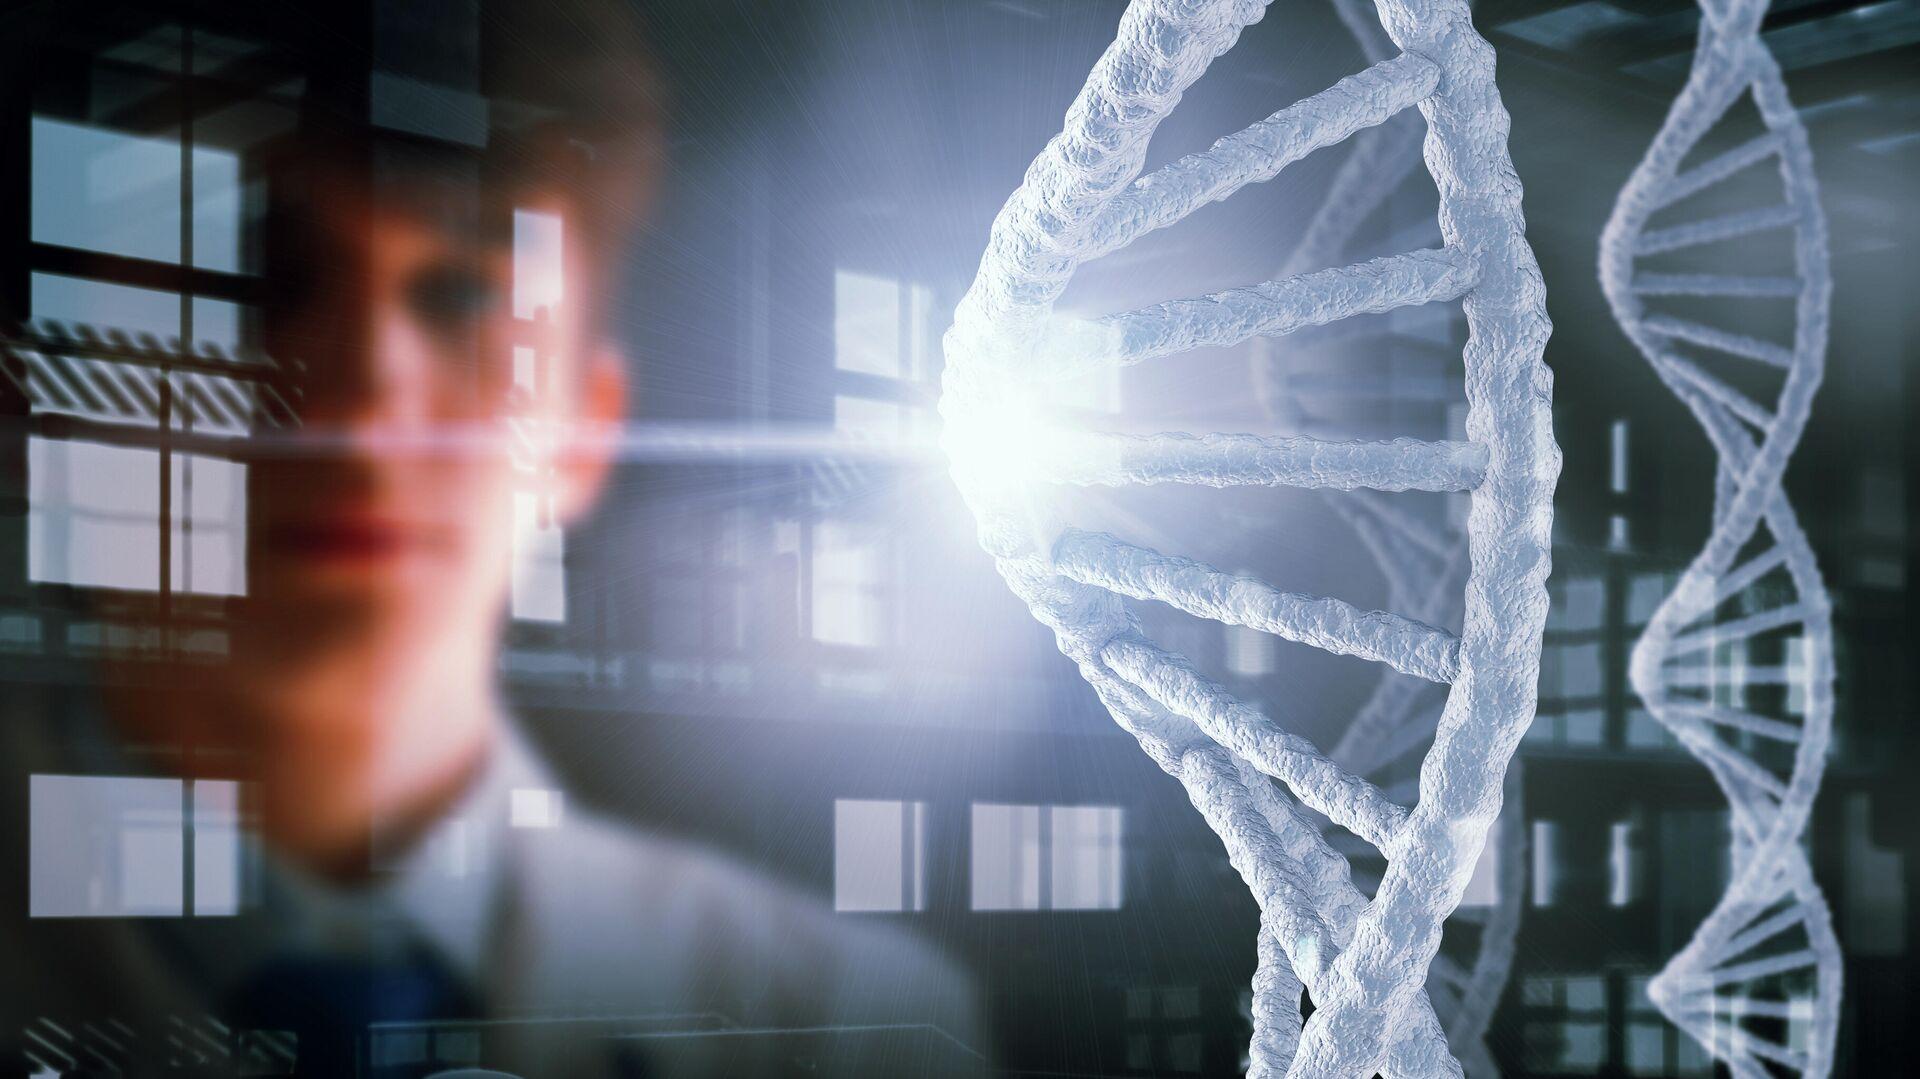 Игра в гены. Можно ли по ДНК предсказать будущее человека и изменить его